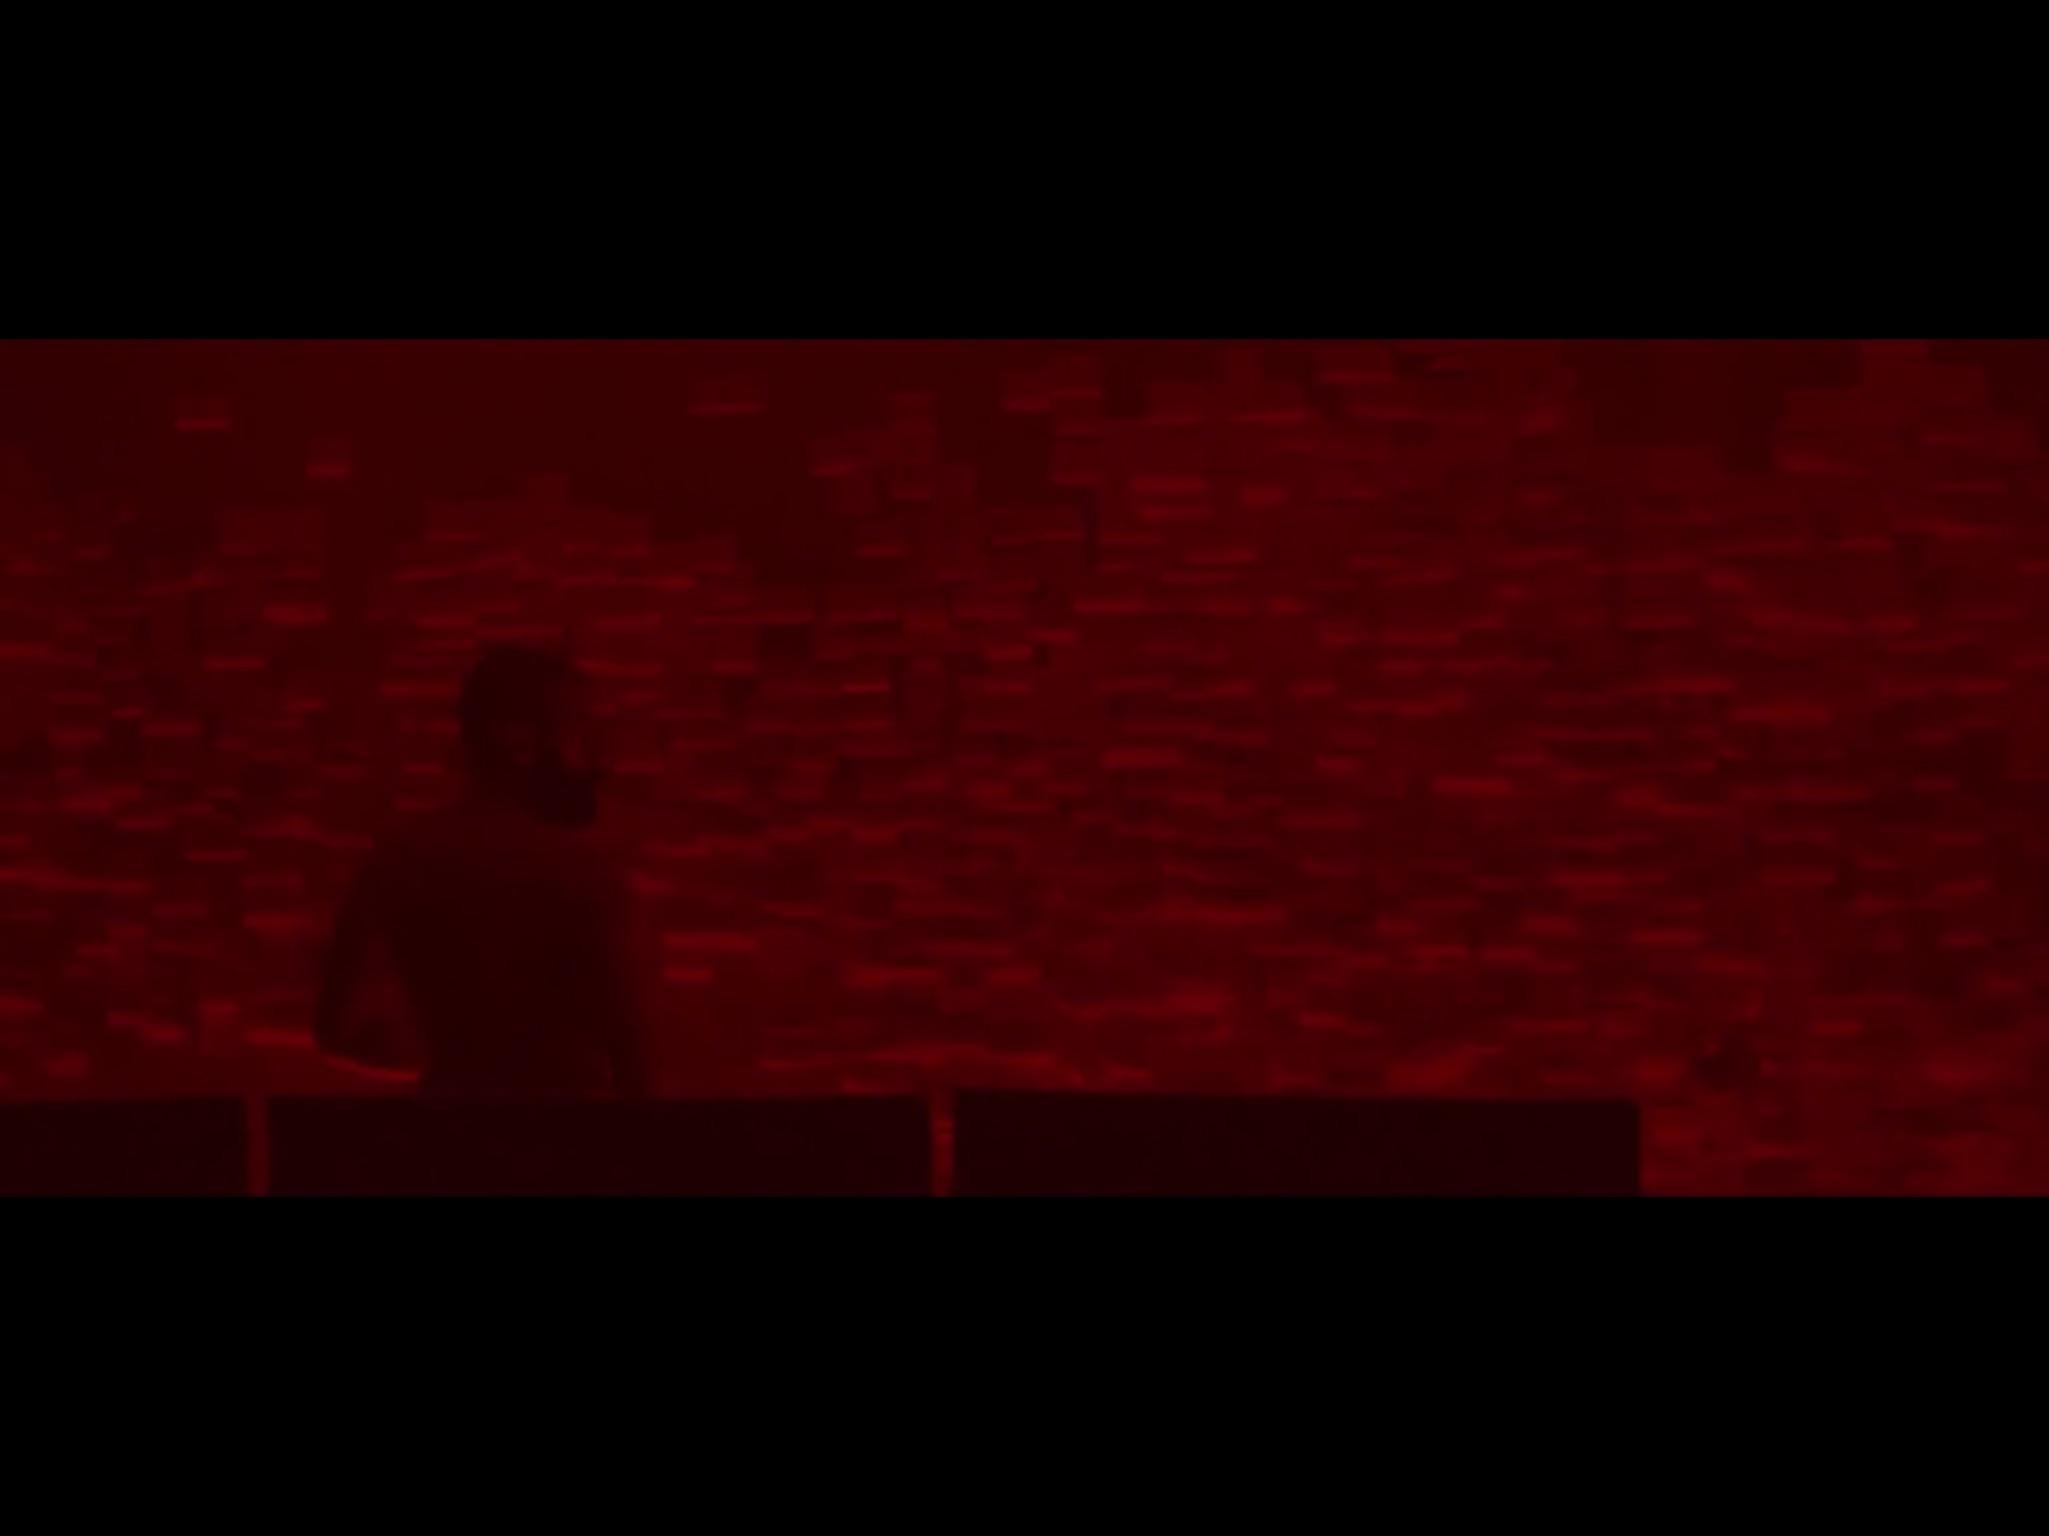 ex-machina-movie-screenshot-19.JPG